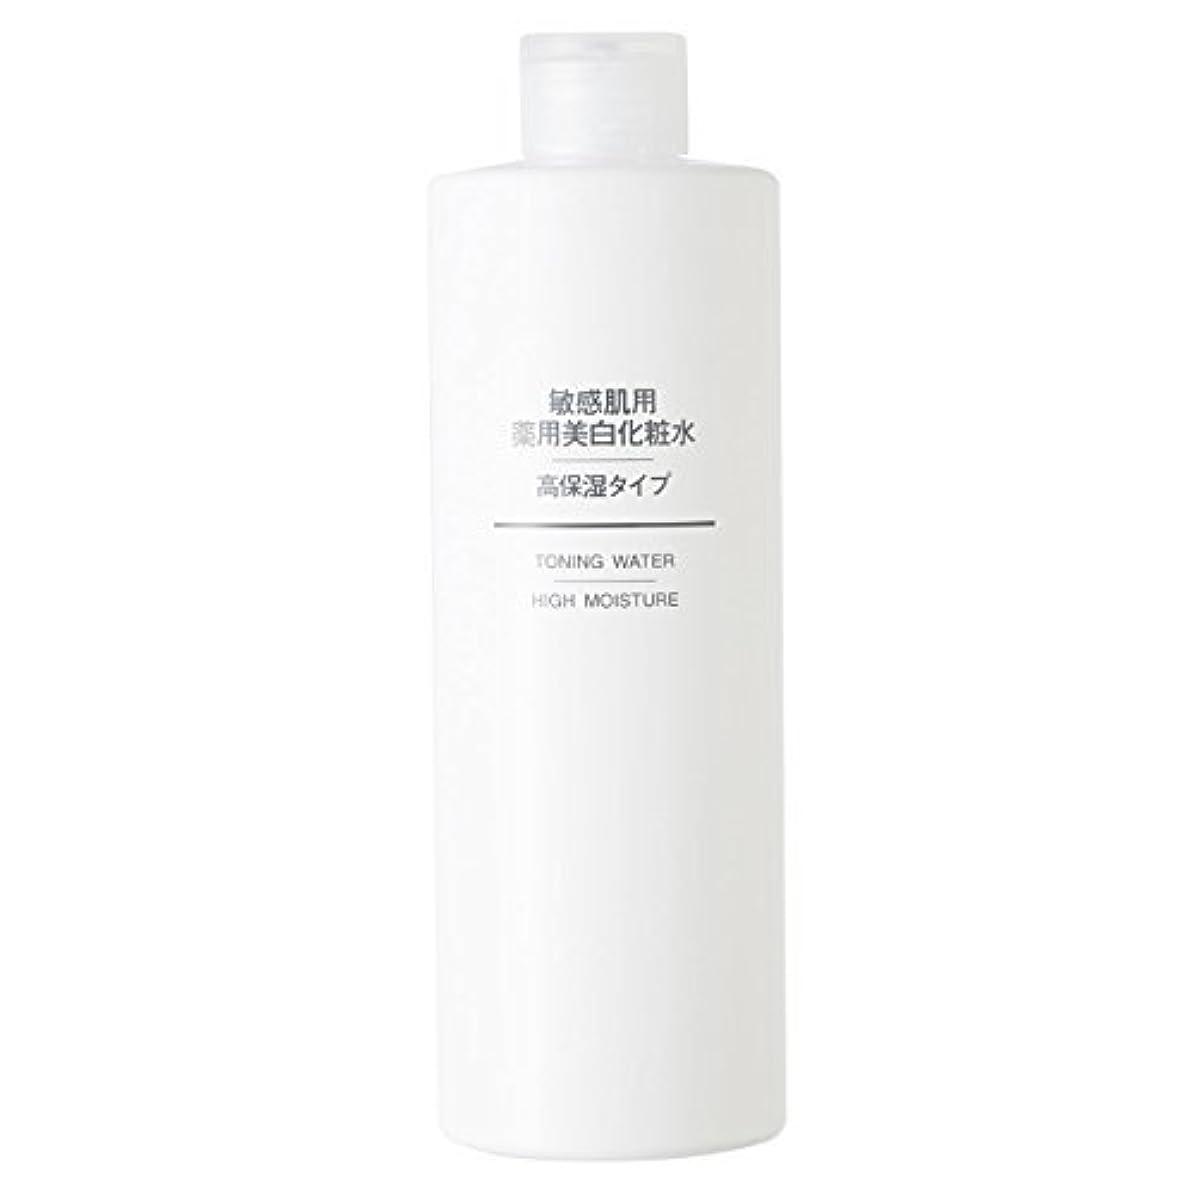 聞きます楕円形中国無印良品 敏感肌用薬用美白化粧水?高保湿タイプ(大容量) (新)400ml